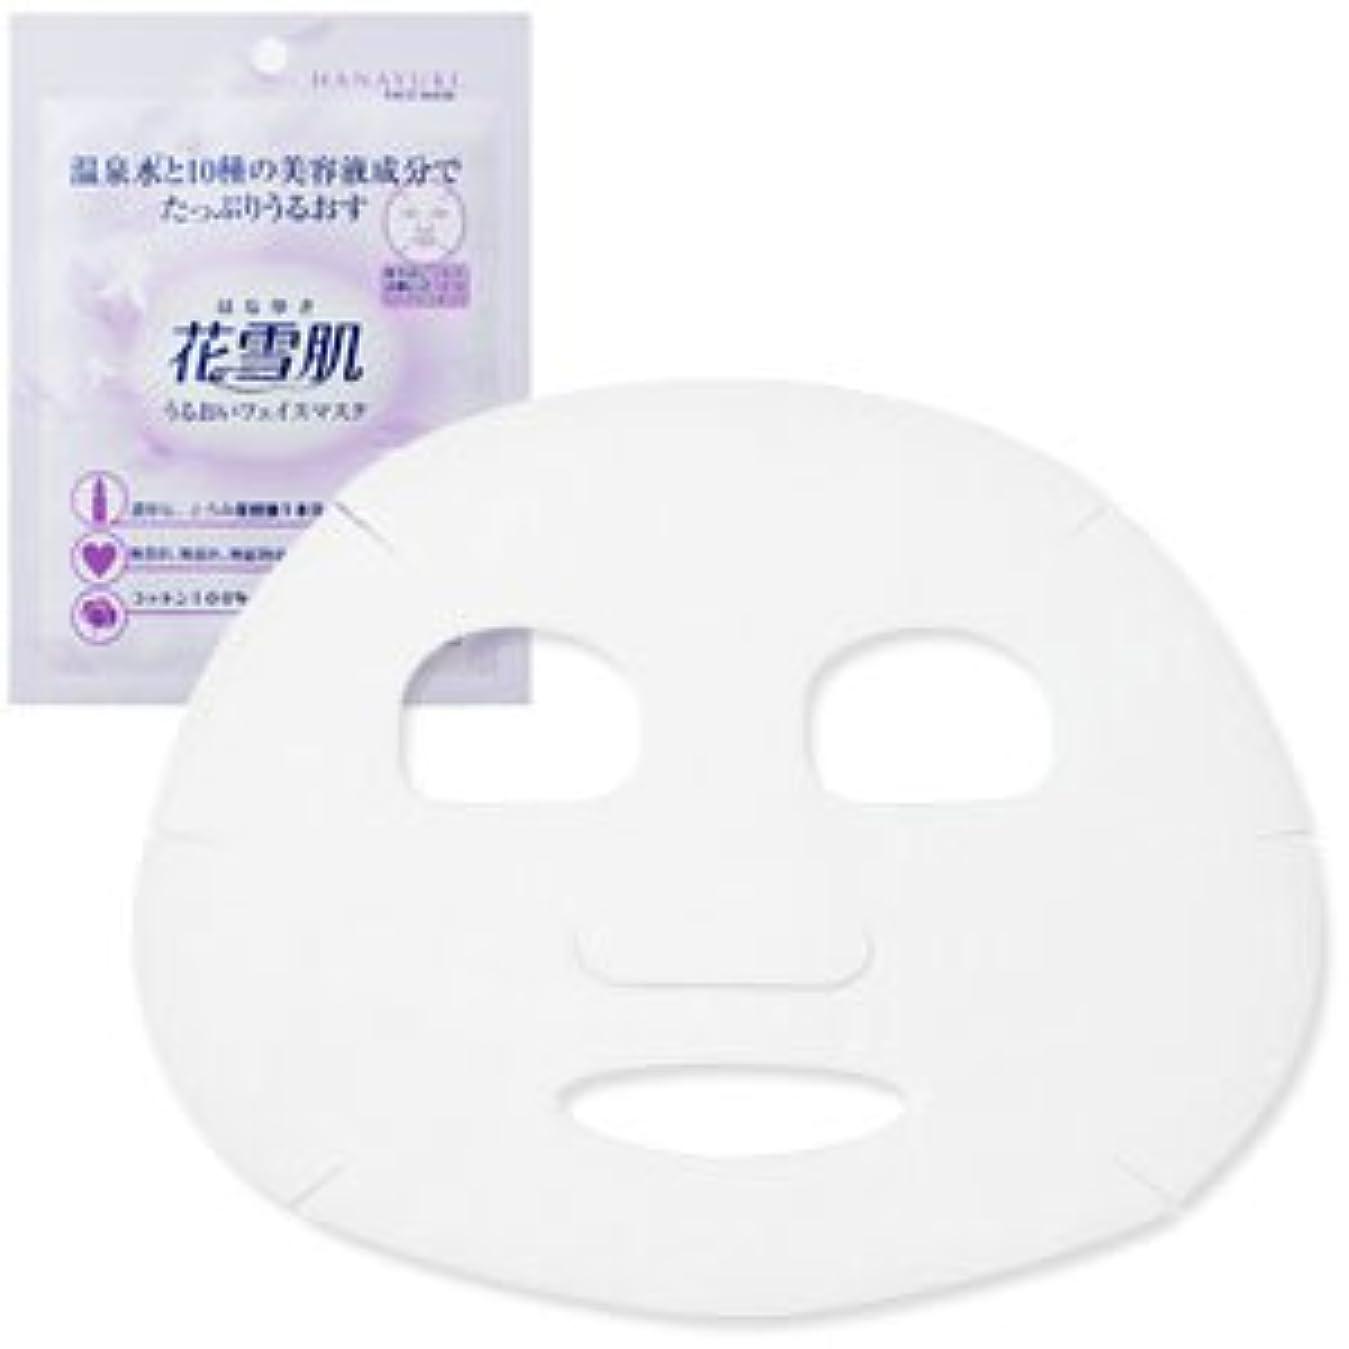 バング政策数学花雪肌 うるおいフェイスマスク 1枚 [10種類の美容液成分を配合] ヒアルロン酸 コラーゲン フェイスパック